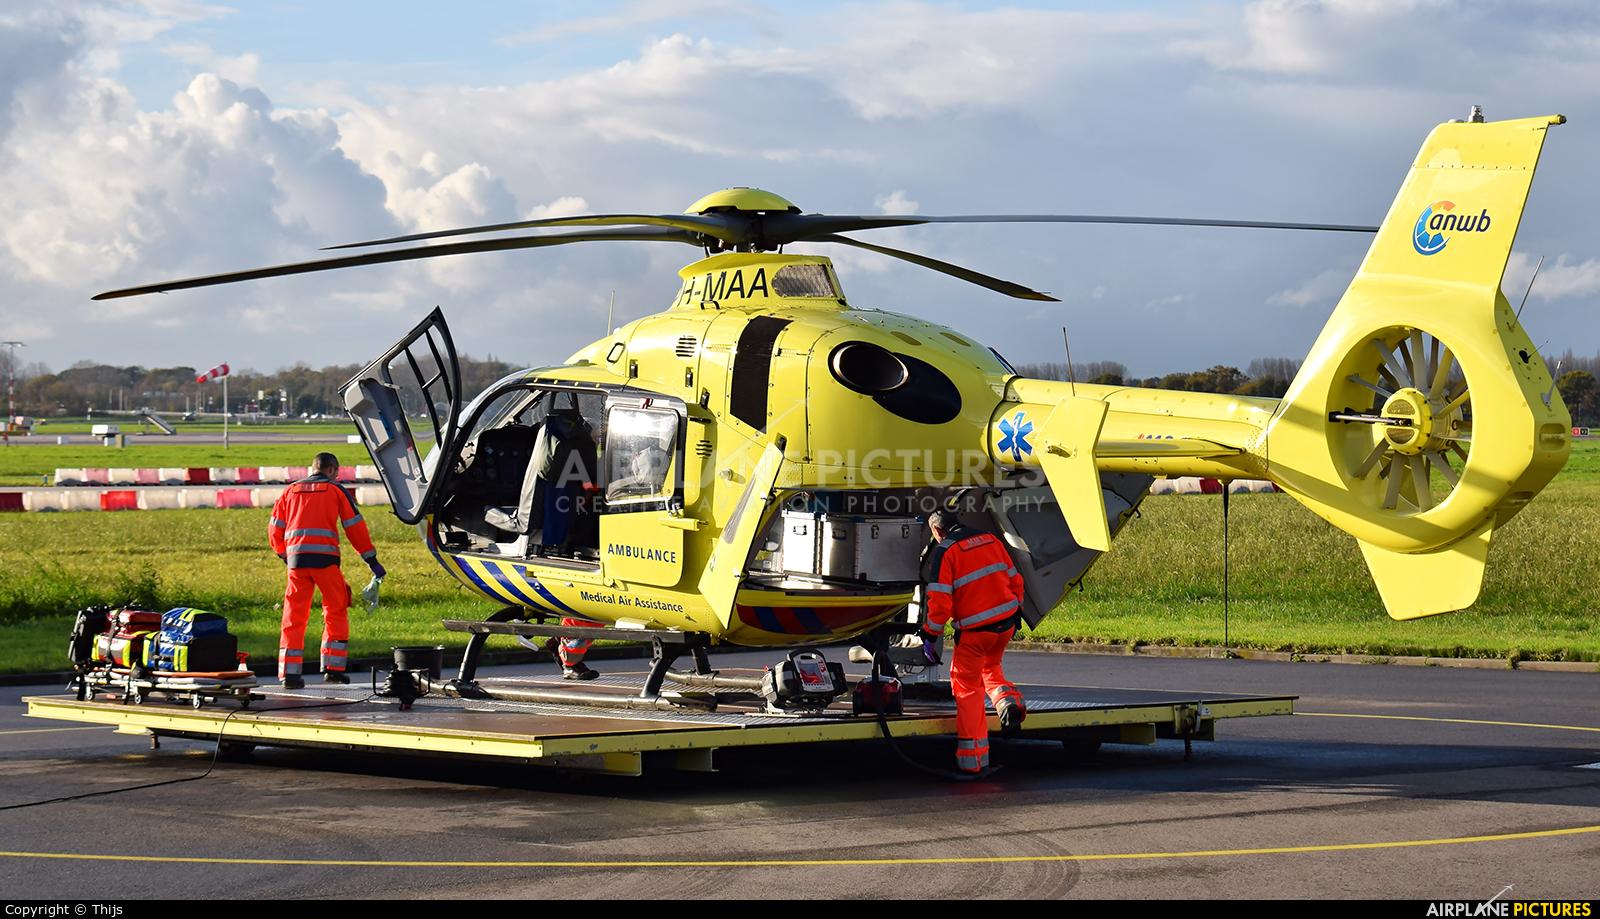 ANWB Medical Air Assistance PH-MAA aircraft at Rotterdam